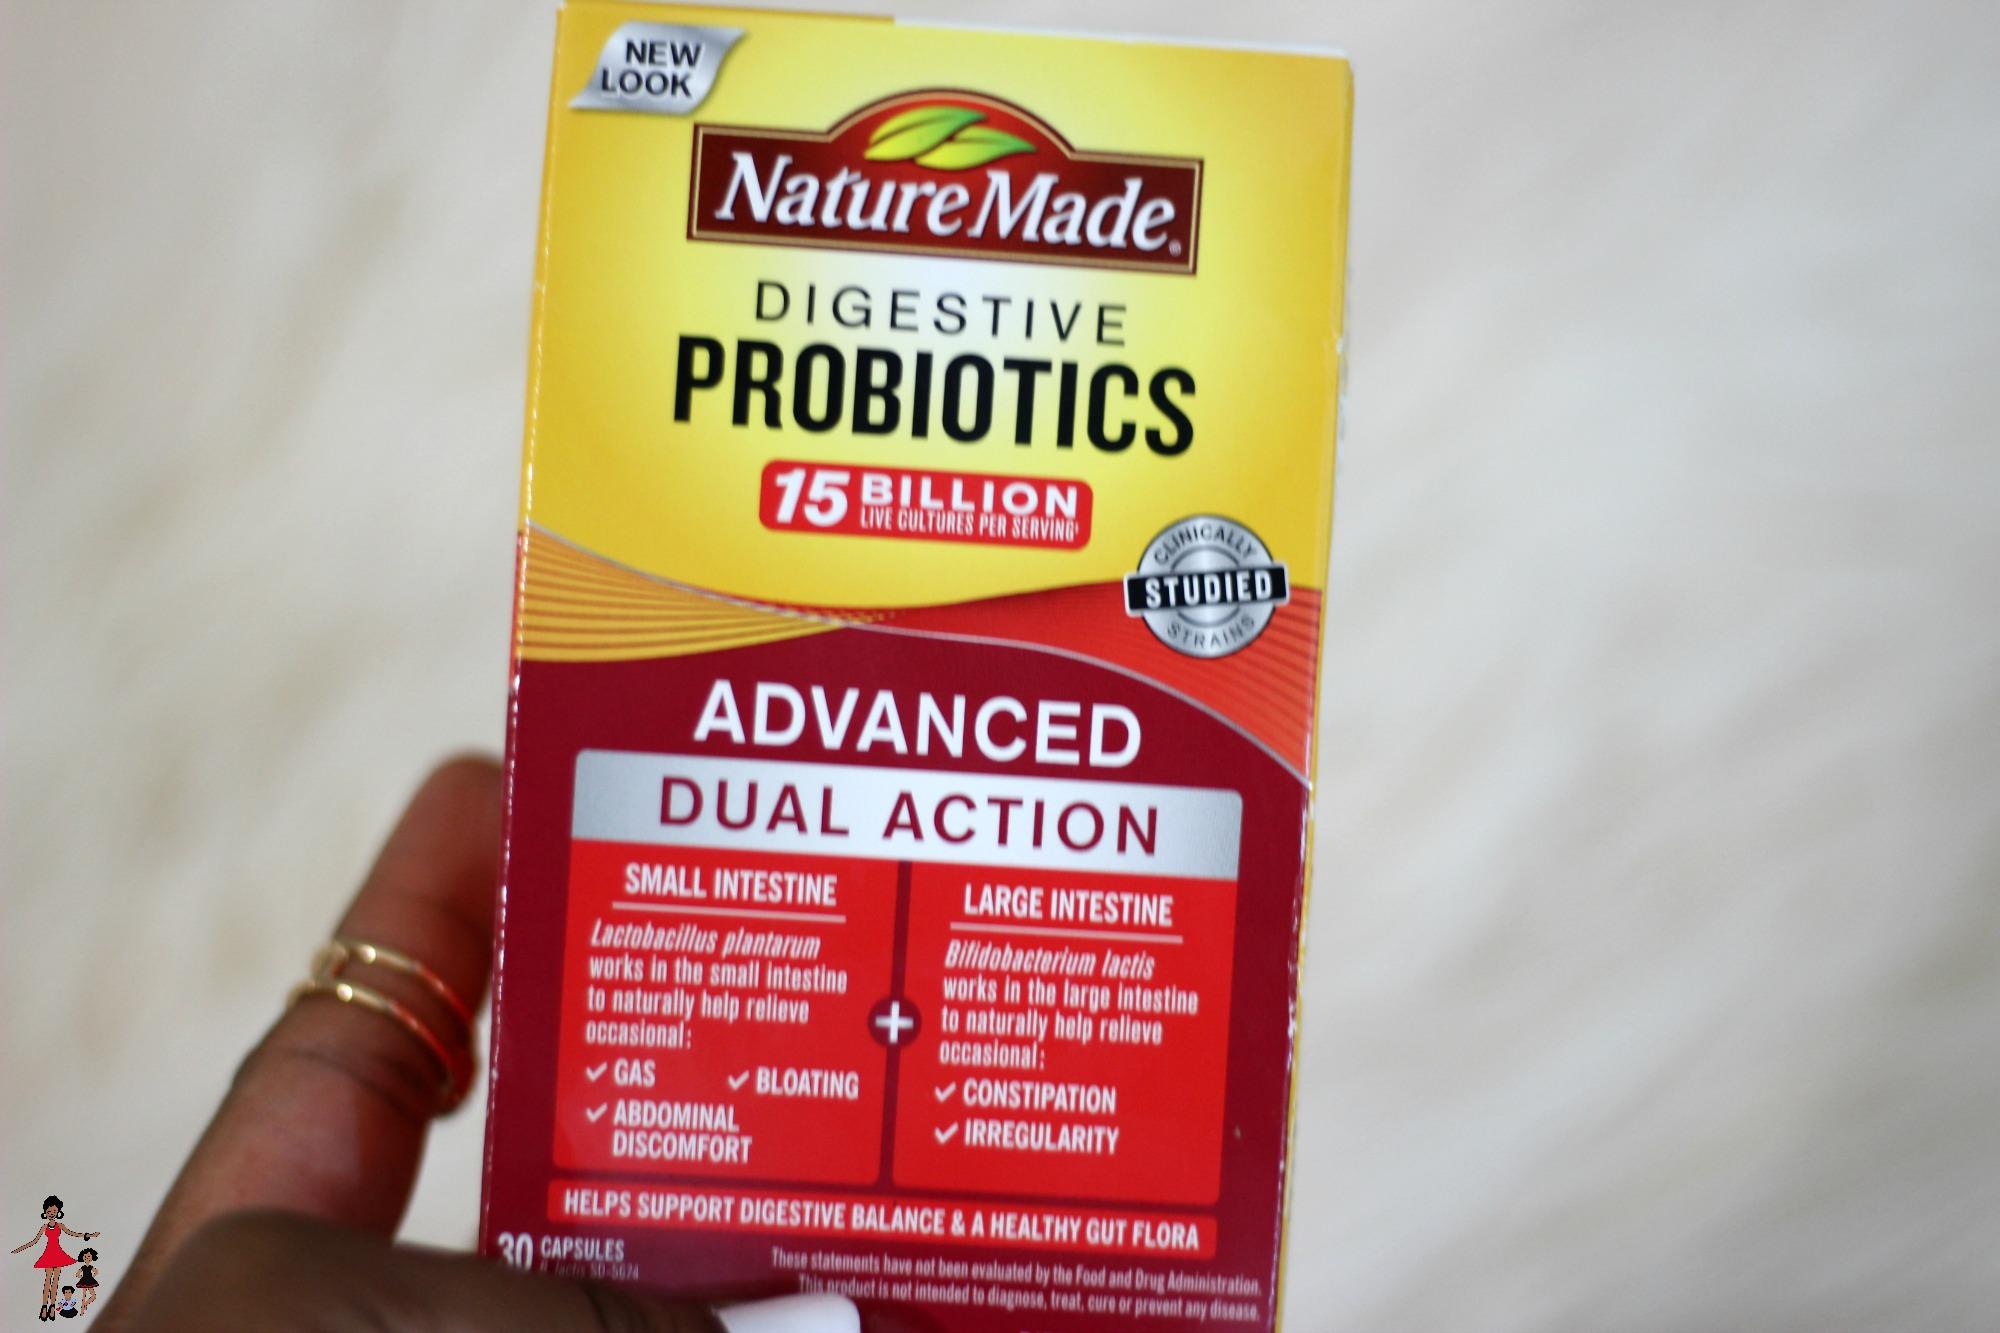 naturemade-probiotics